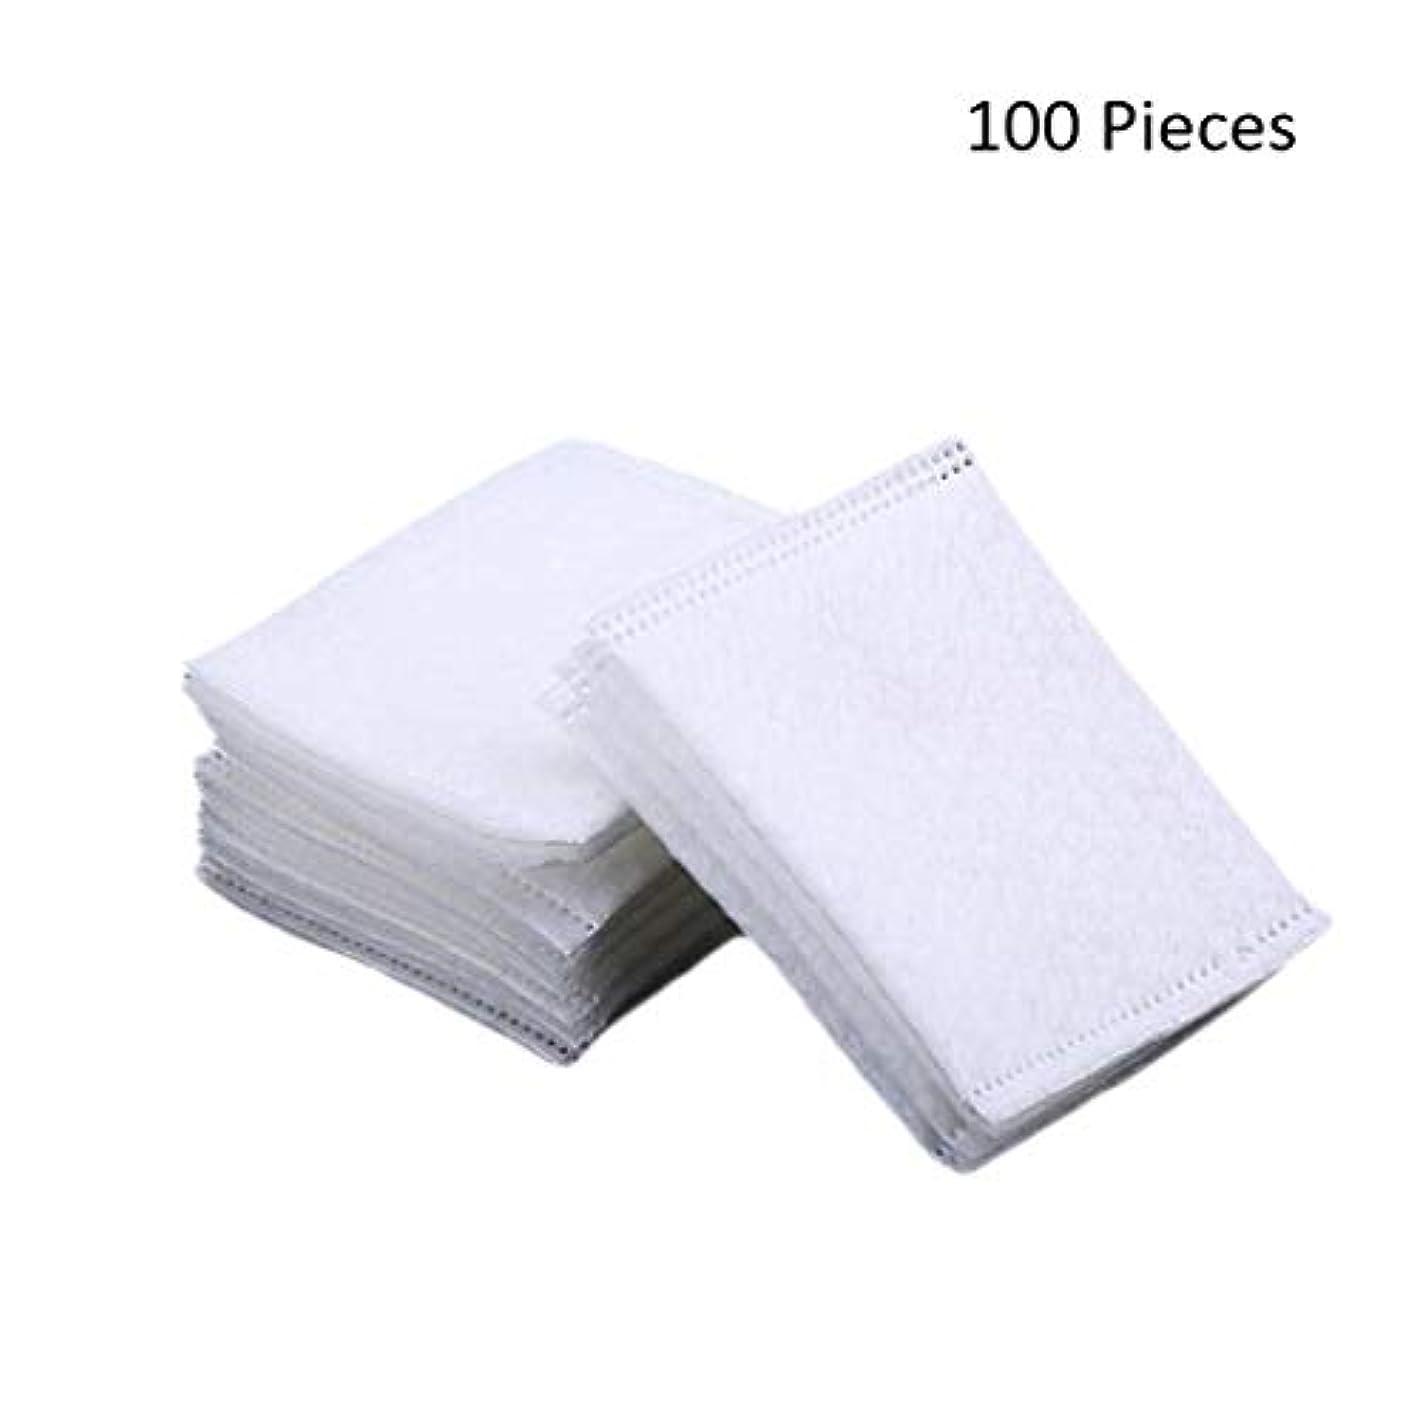 クローゼット規制する心臓50/100/220ピースダブルサイドフェイスメイクアップリムーバーコットンパッド密封旅行削除コットンパッドスキン化粧品メイクアップツール (Color : White, サイズ : 100 Pieces)